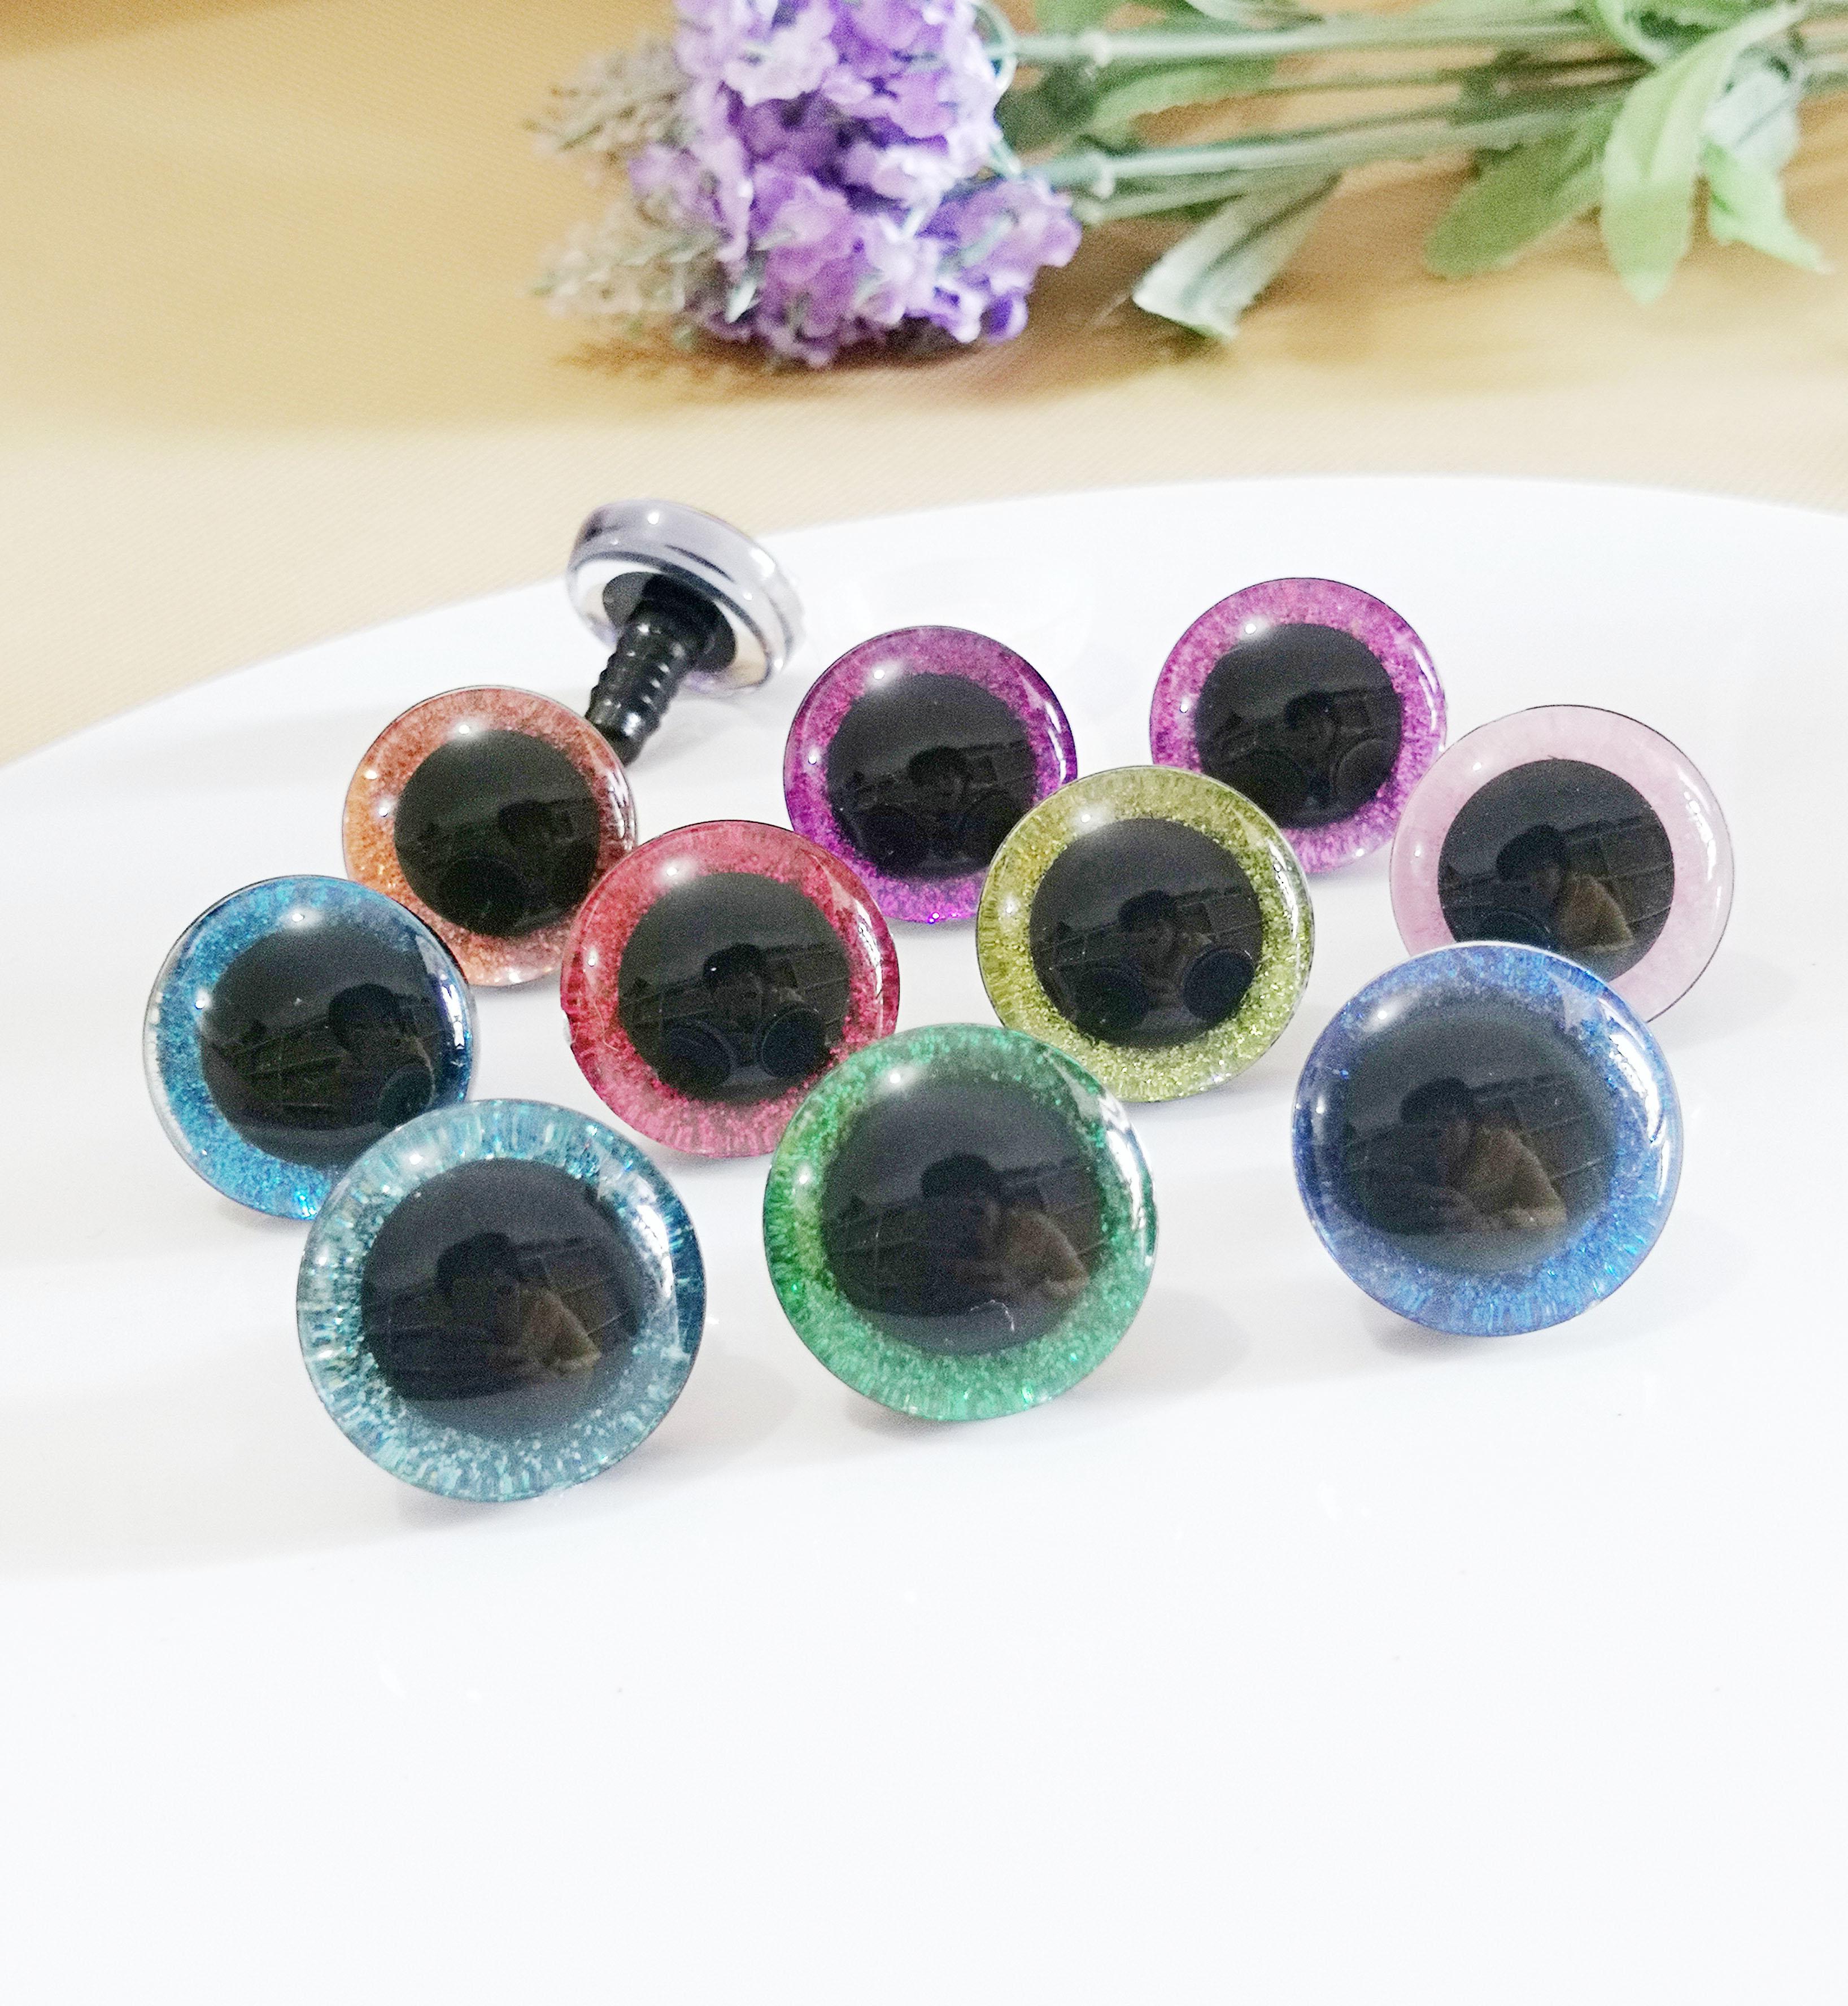 20 piezas --- 9-12-14 -- 16-18- 20 -24 -- 30-35mm ojos brillantes 3D transparentes ojos de juguete de seguridad de plástico + tejido brillante + arandela -- Opción de tamaño